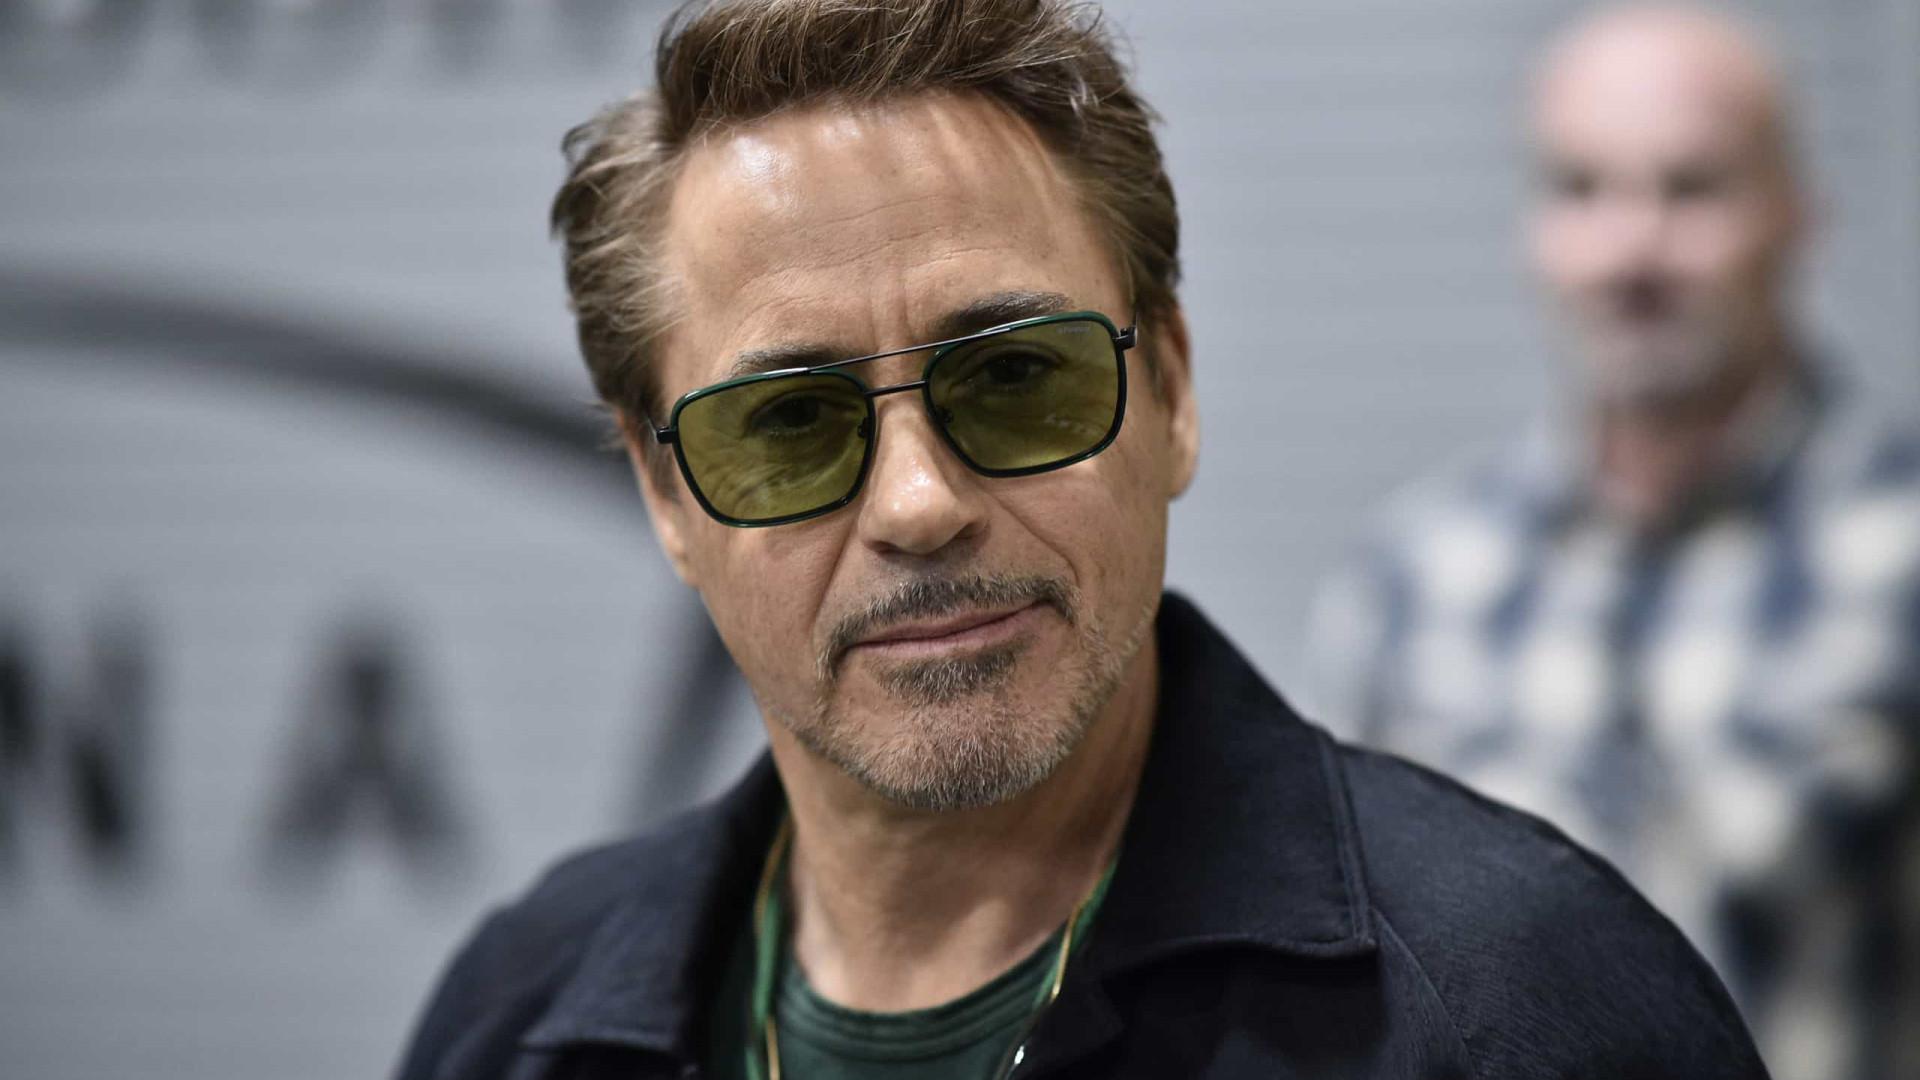 Ator diz que viu Robert Downey Jr. na prisão e que doou cama para ele